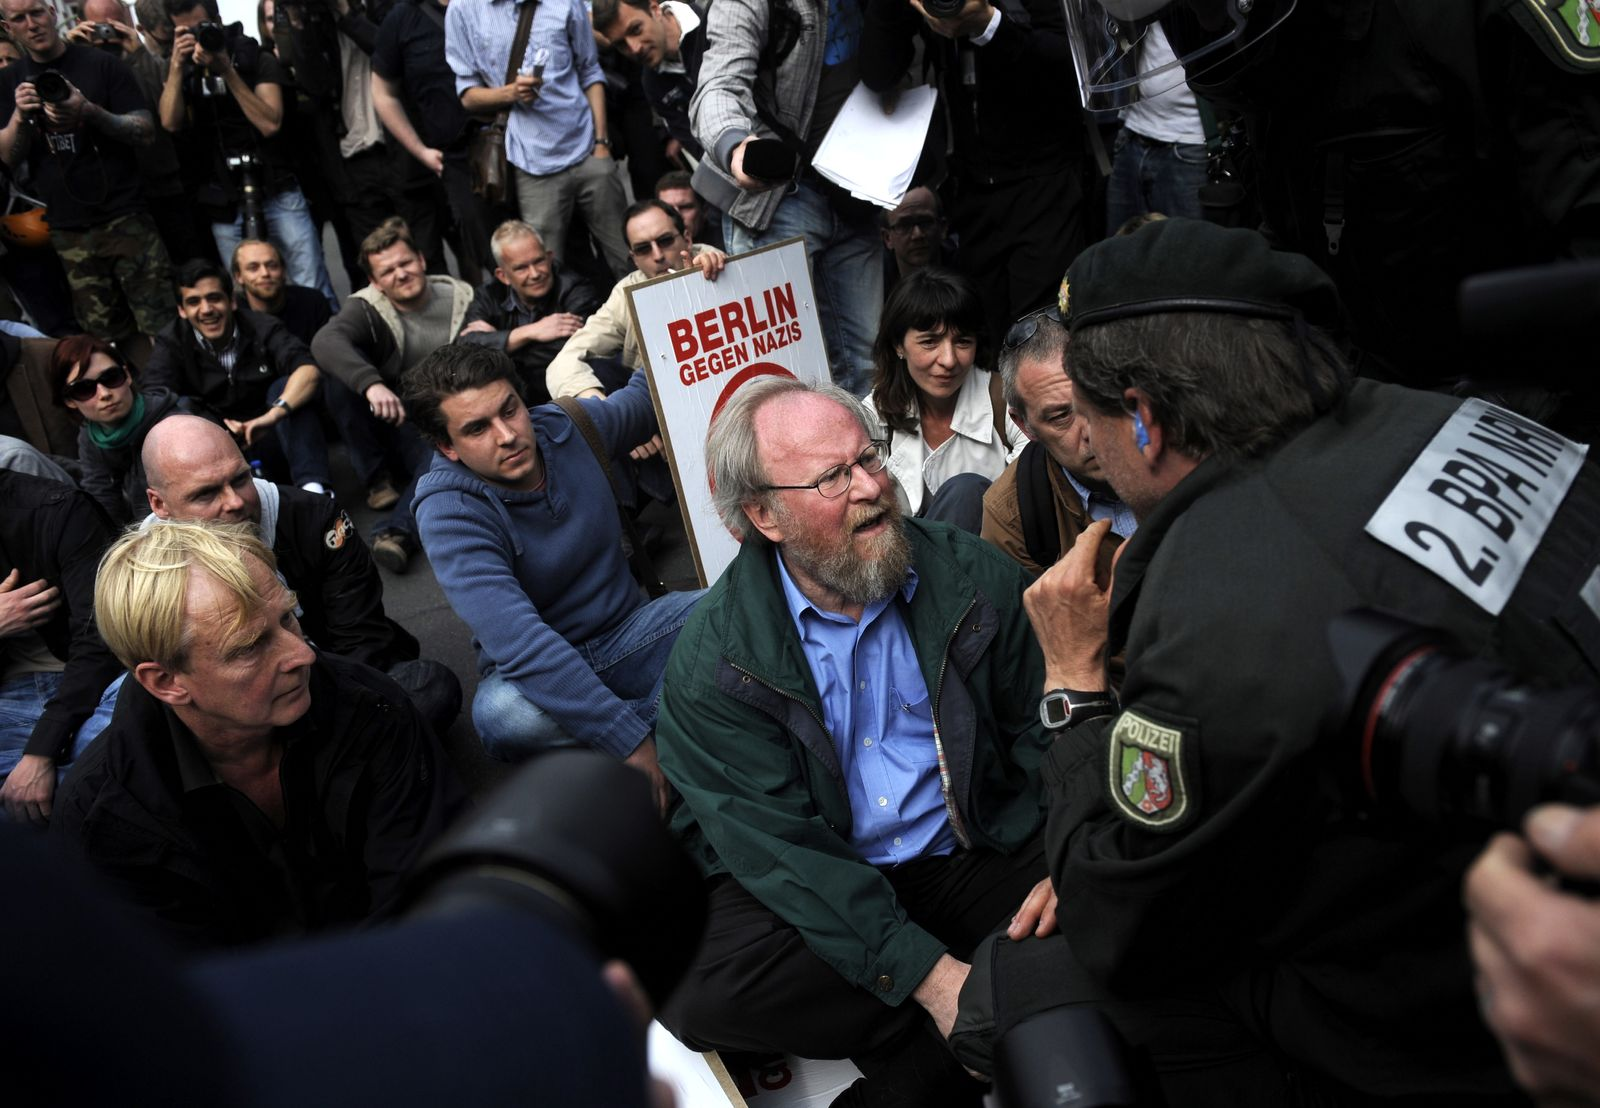 NICHT VERWENDEN Protest gegen Neonazi-Aufmarsch in Berlin